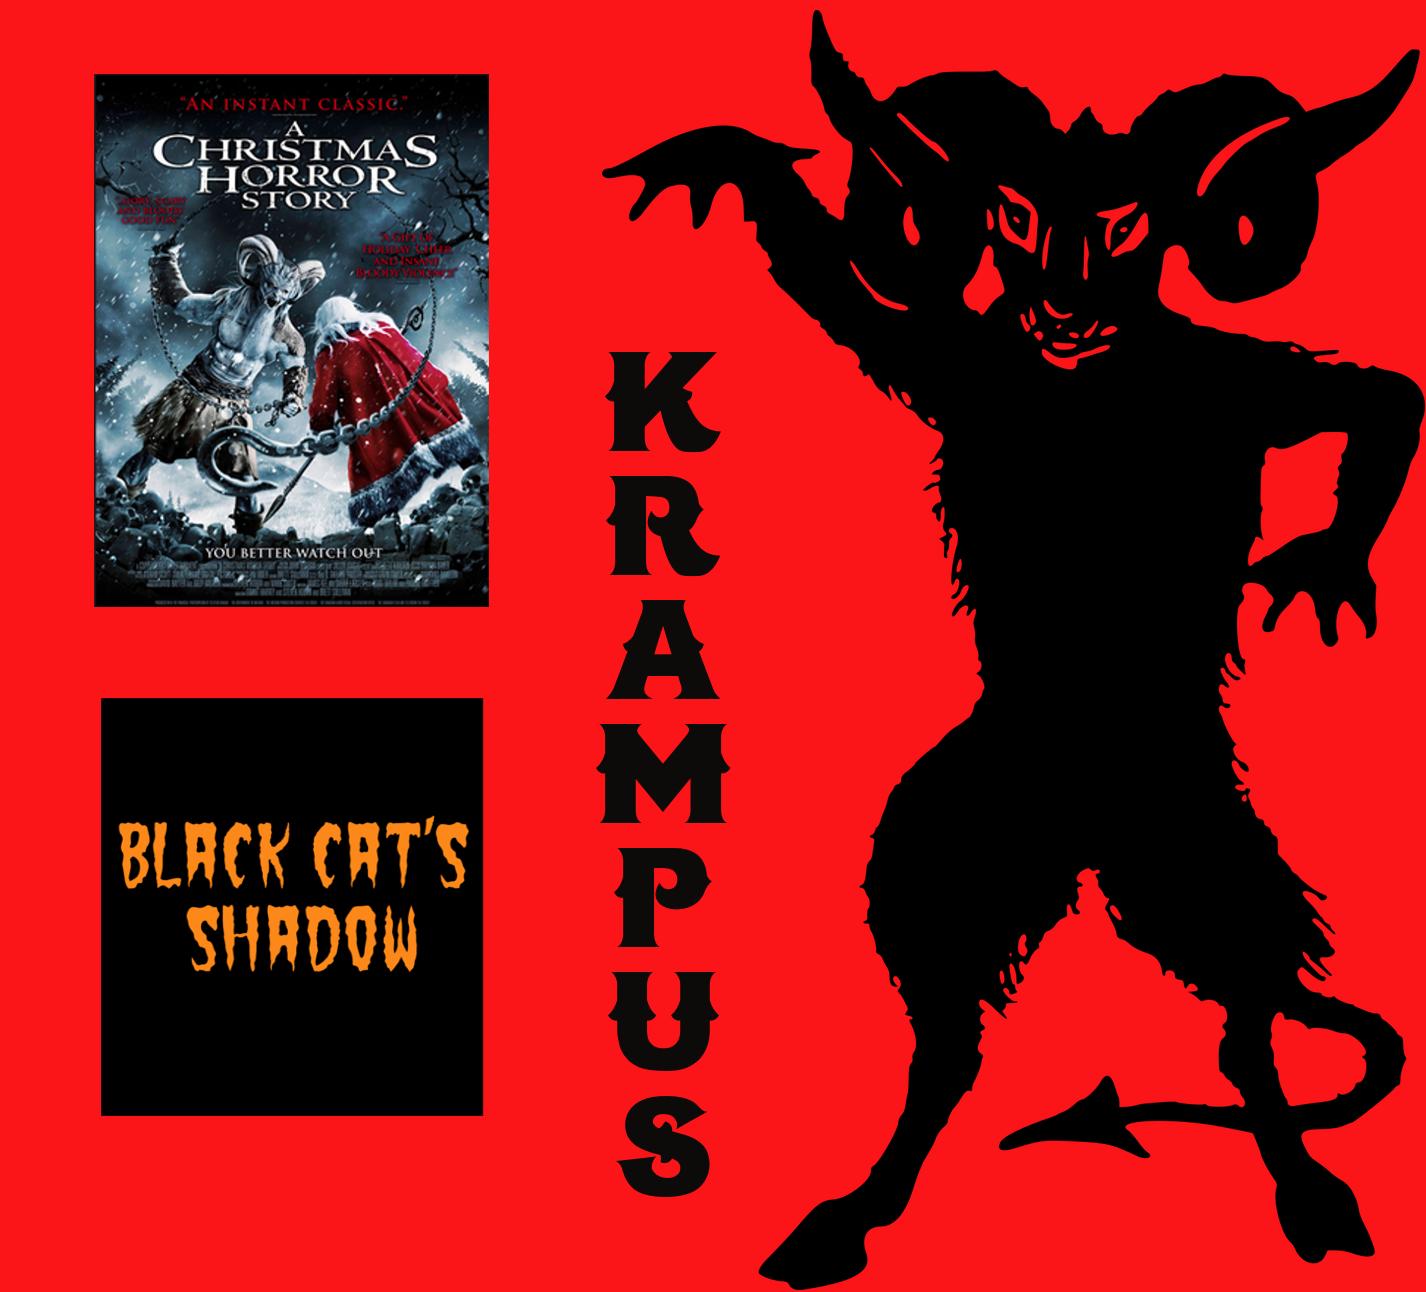 Christmas Horror Story Krampus.Black Cat S Shadow Krampus A Christmas Horror Story Episode 17